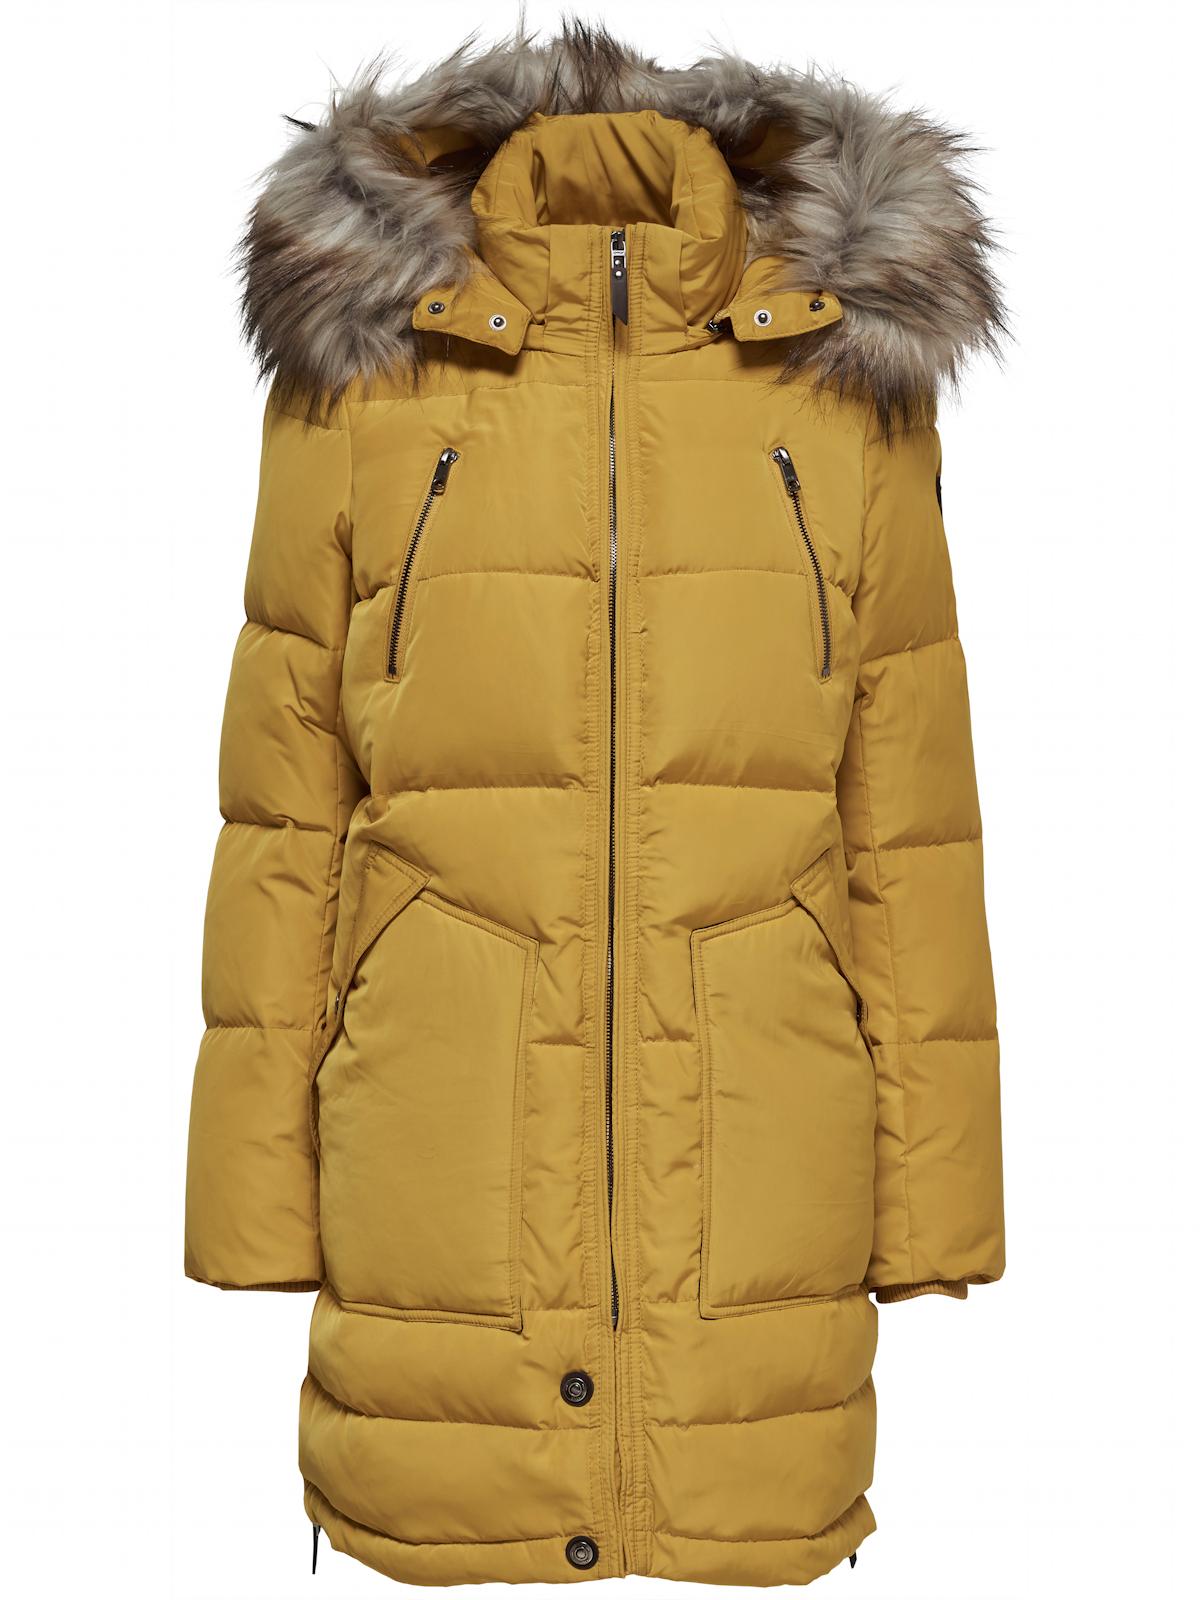 neueste auswahl abwechslungsreiche neueste Designs Outlet-Verkauf Only Damen Wintermantel Jacke Daunen Parka Rhoda mit Fellkapuze